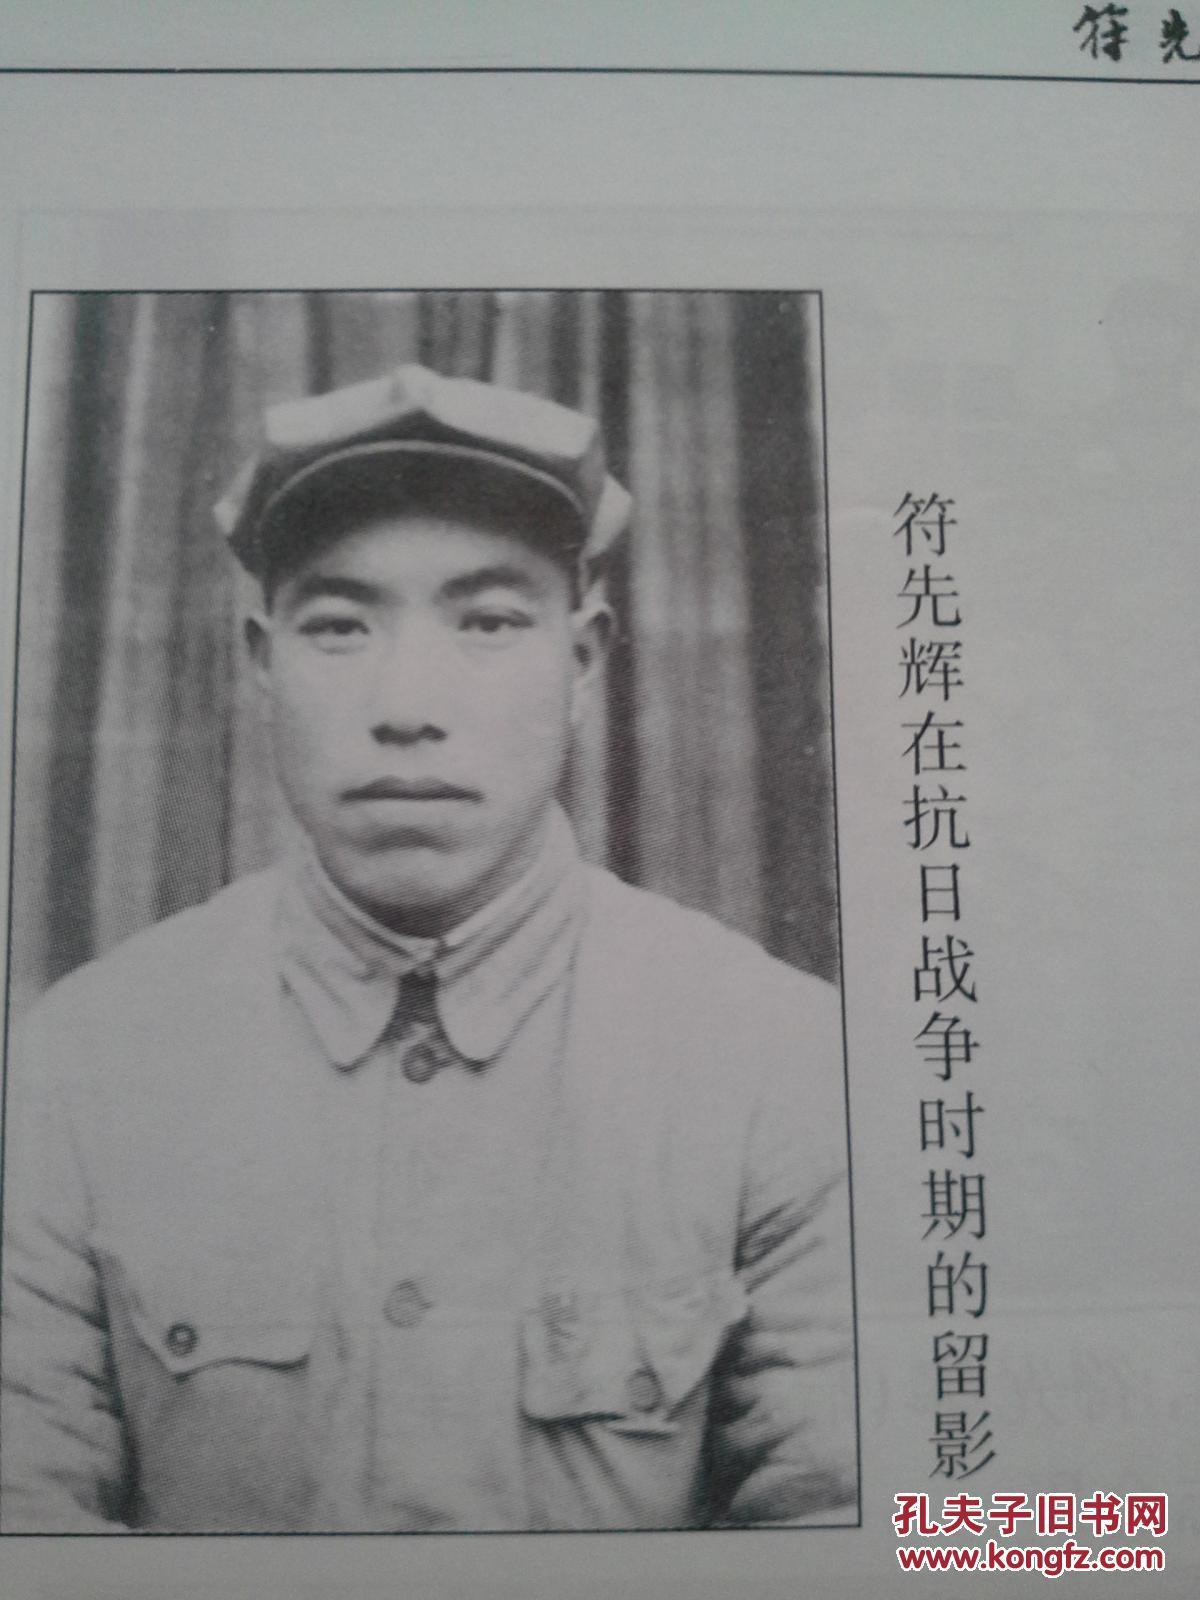 符先辉纪念集(符先辉夫人王玉蟾钤印)一次性图纸筷子图片